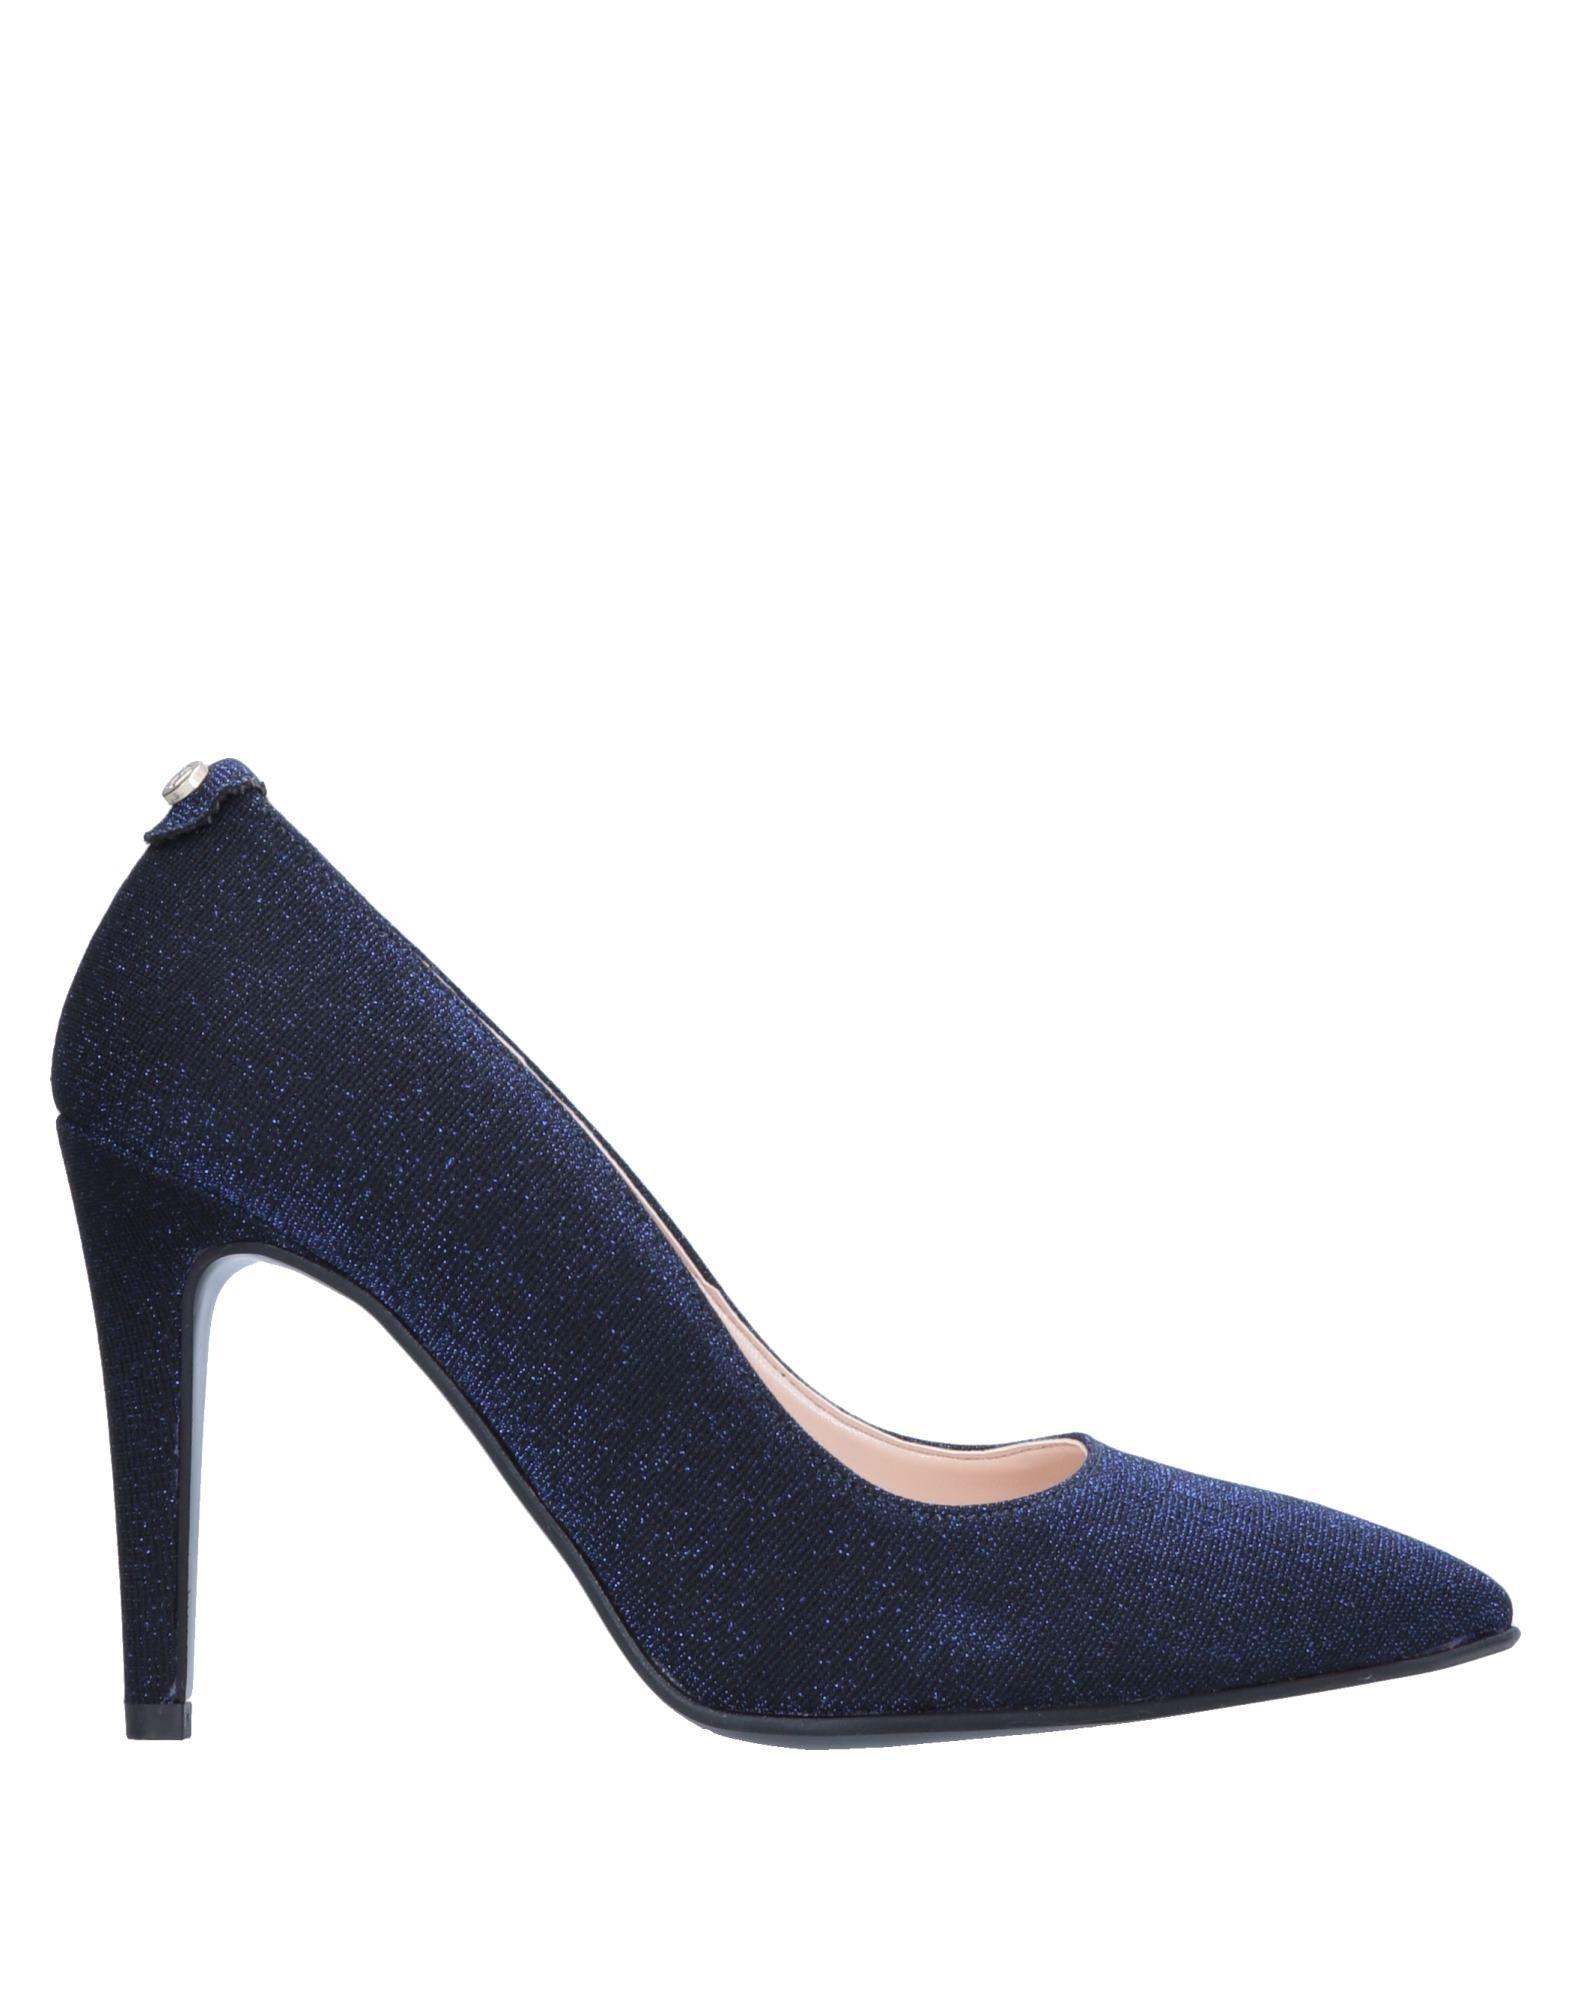 Trussardi Jeans Pumps Damen beliebte  11545912KM Gute Qualität beliebte Damen Schuhe 0fc63e